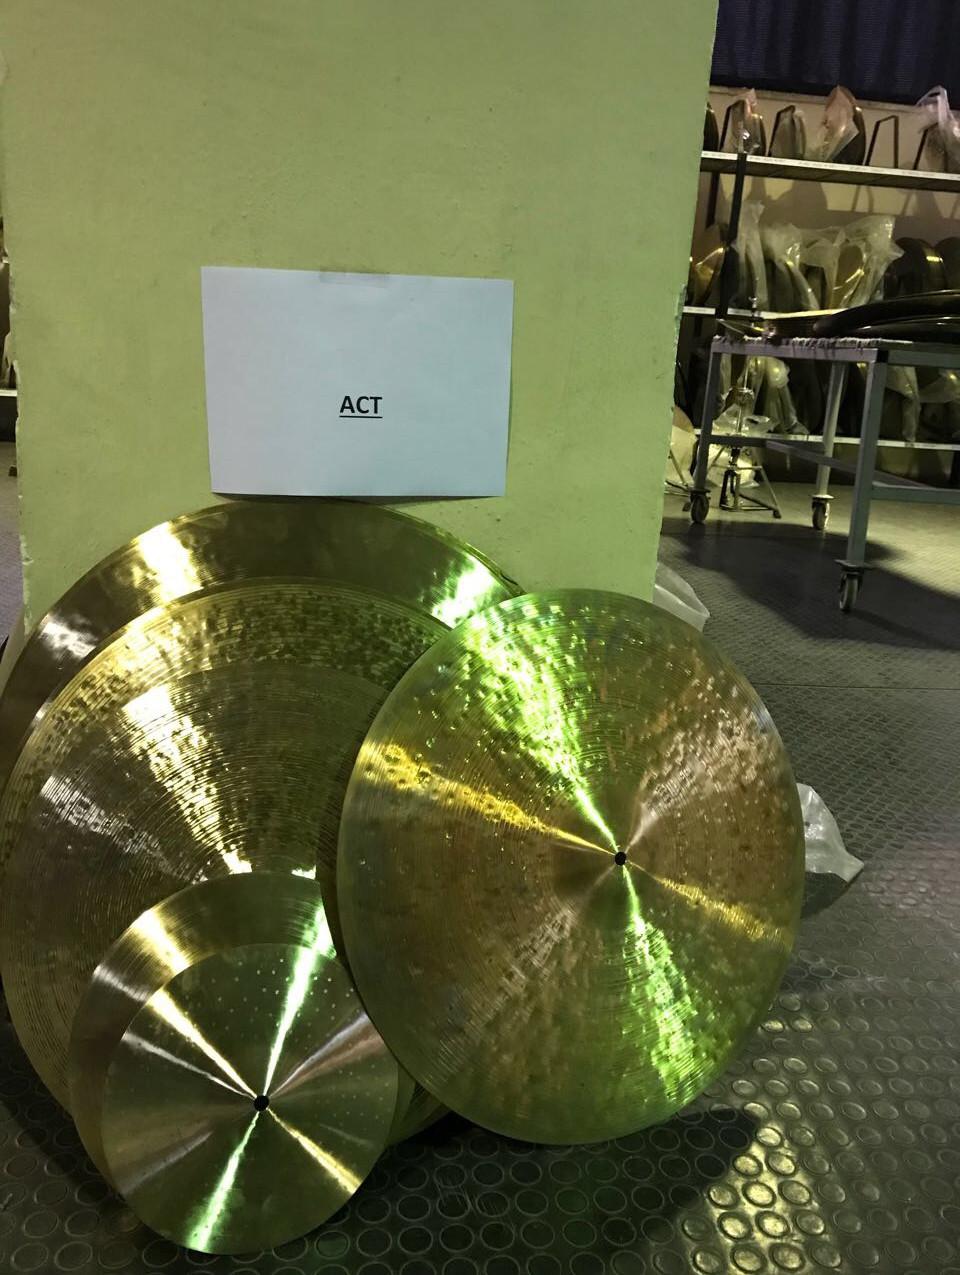 アゴップ工房での選定ホヤホヤのシンバル